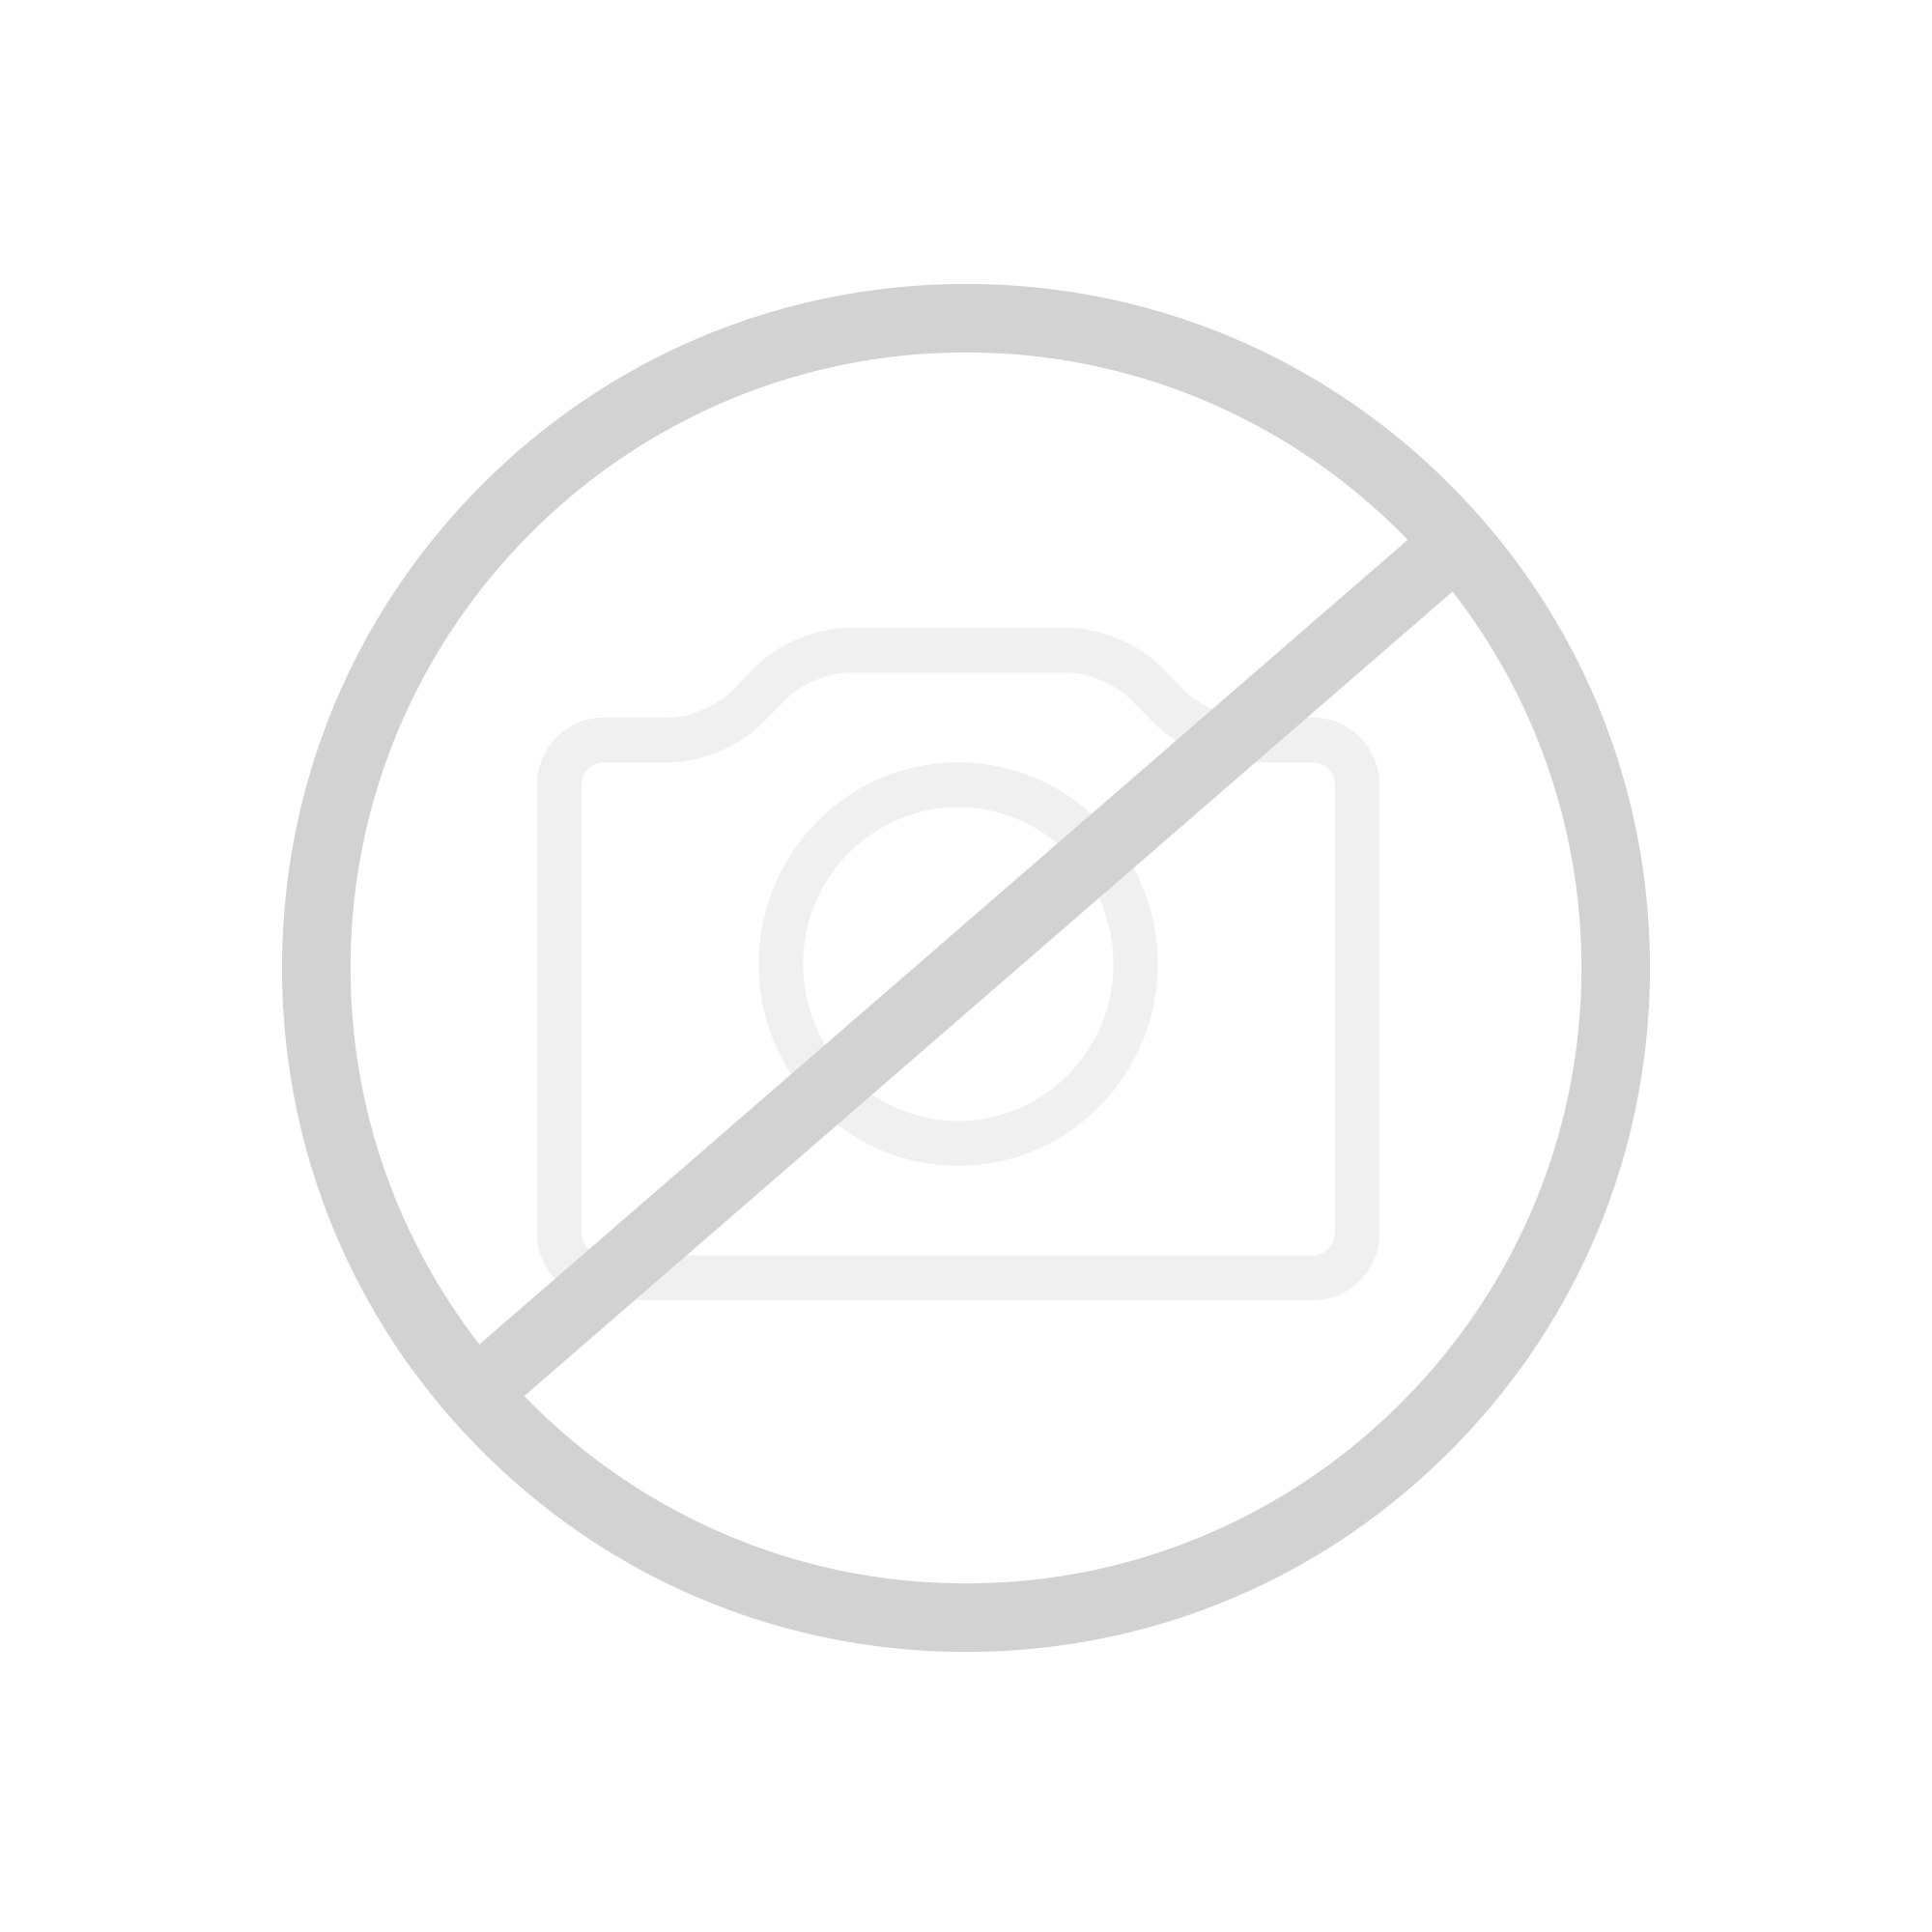 villeroy boch la belle waschtisch wei mit ceramicplus mit 1 hahnloch ohne berlauf 612411r1. Black Bedroom Furniture Sets. Home Design Ideas